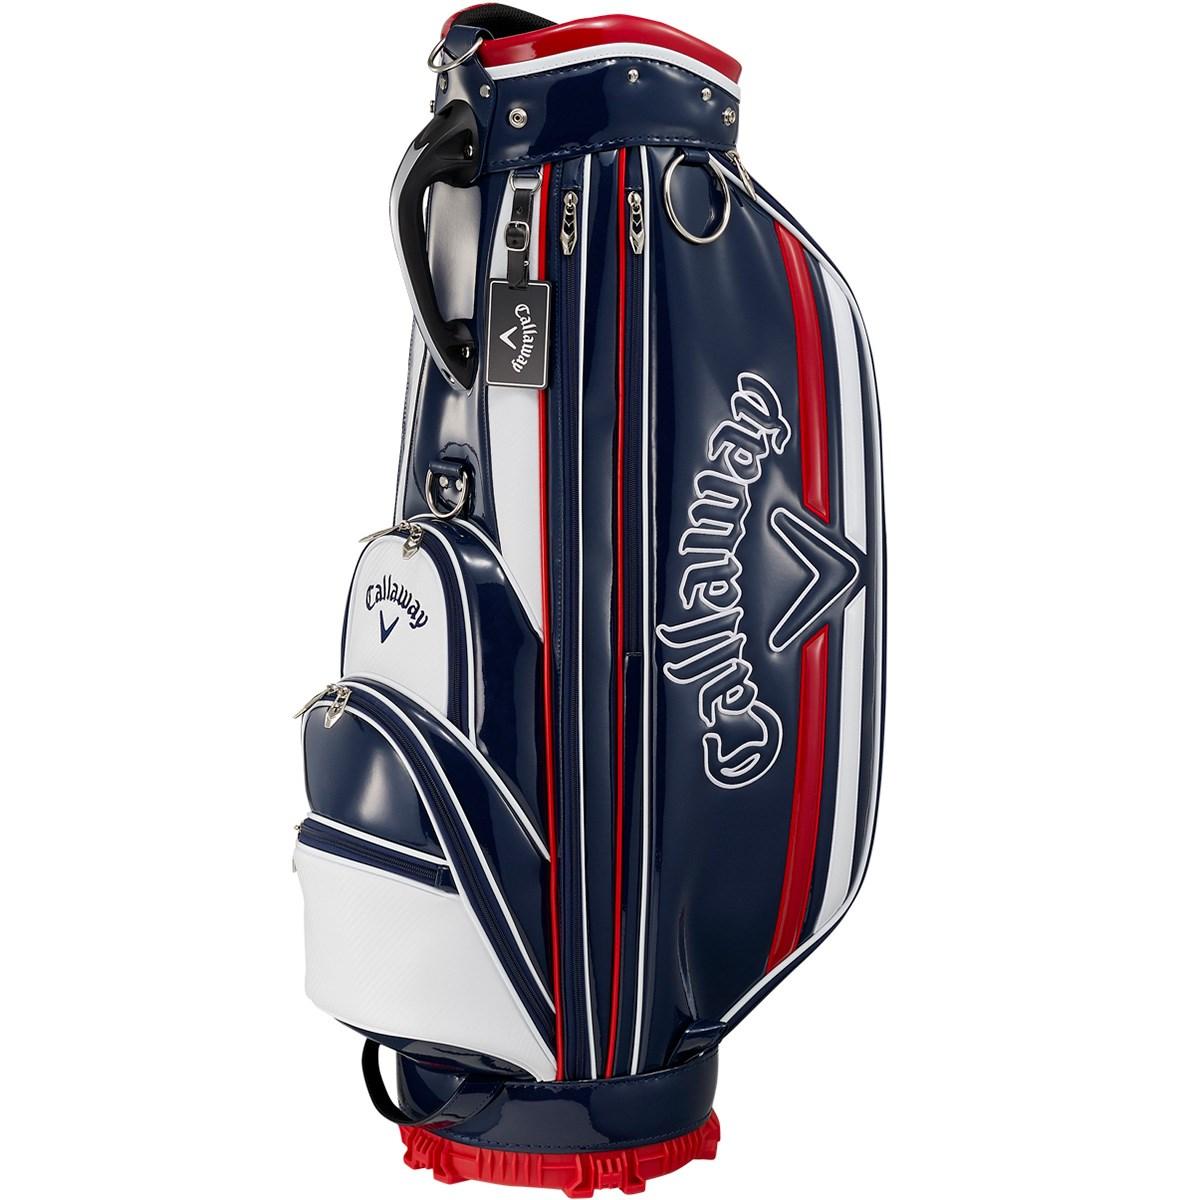 キャロウェイゴルフ(Callaway Golf) BG CT SOLID JM キャディバッグ